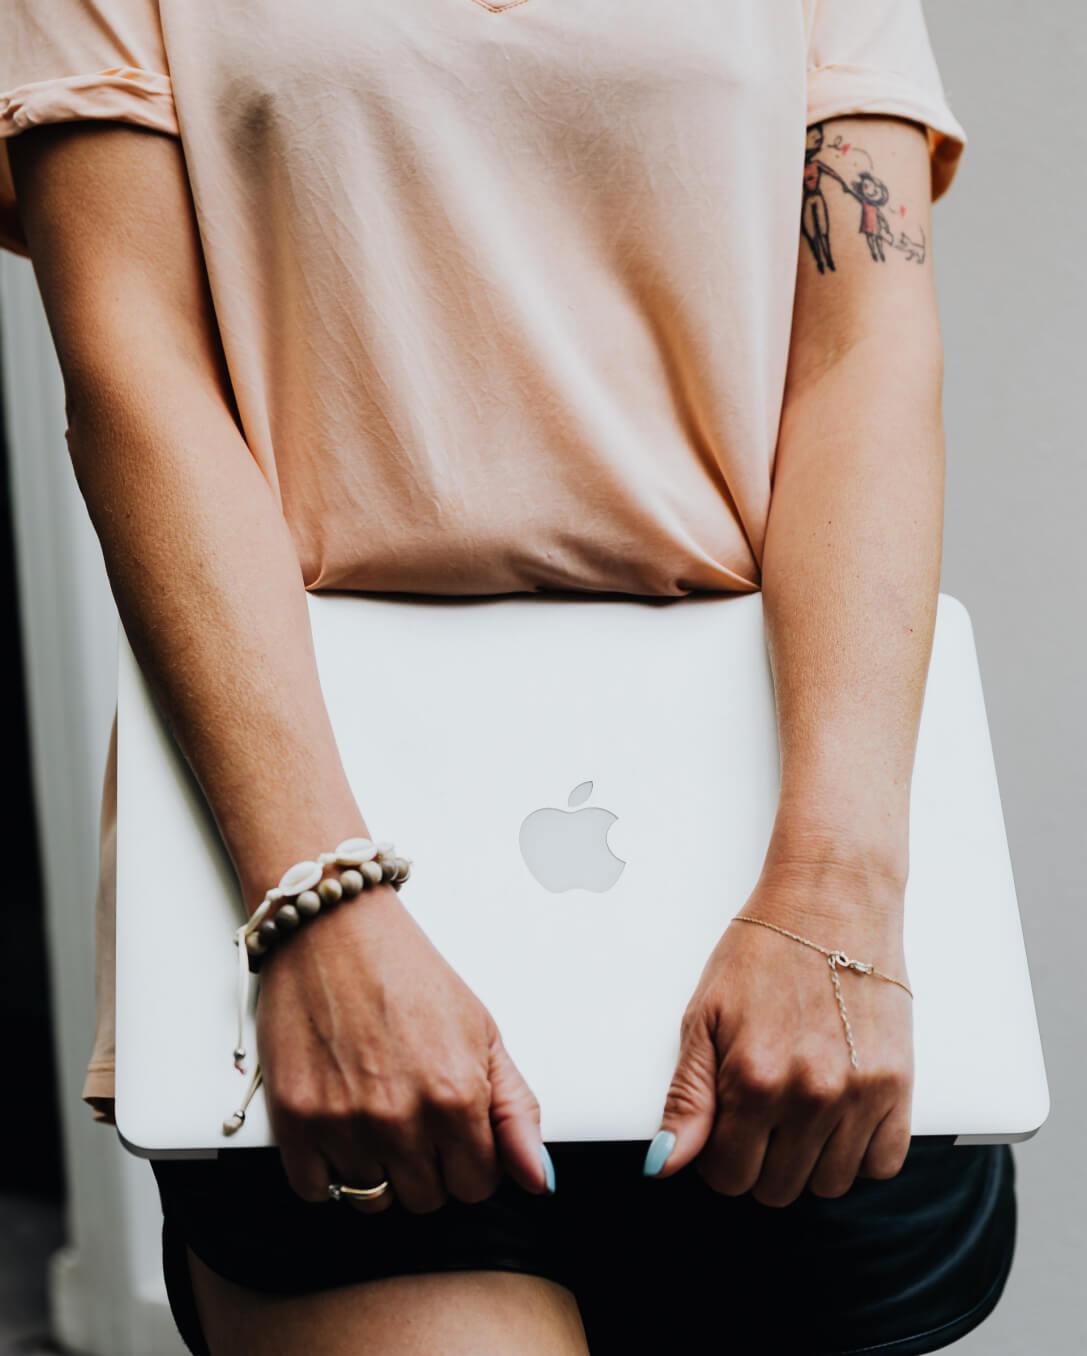 A girl has a laptop